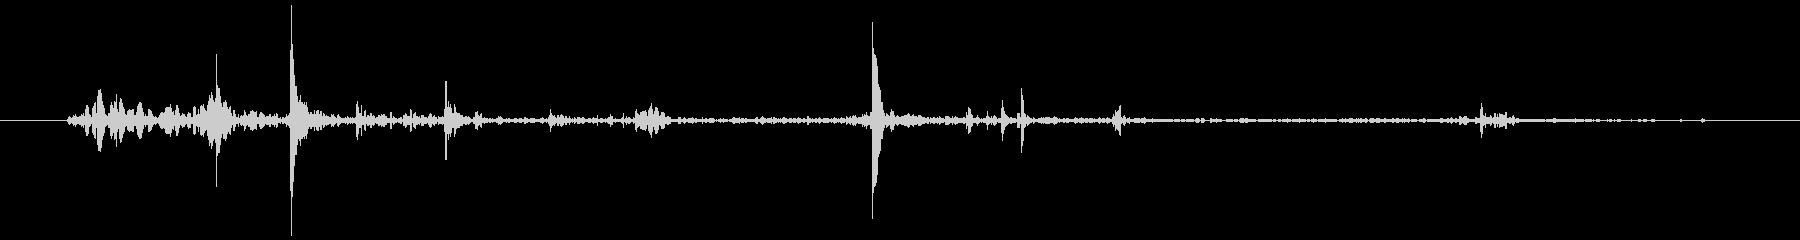 ソフトカバーブリーフケース:ピック...の未再生の波形